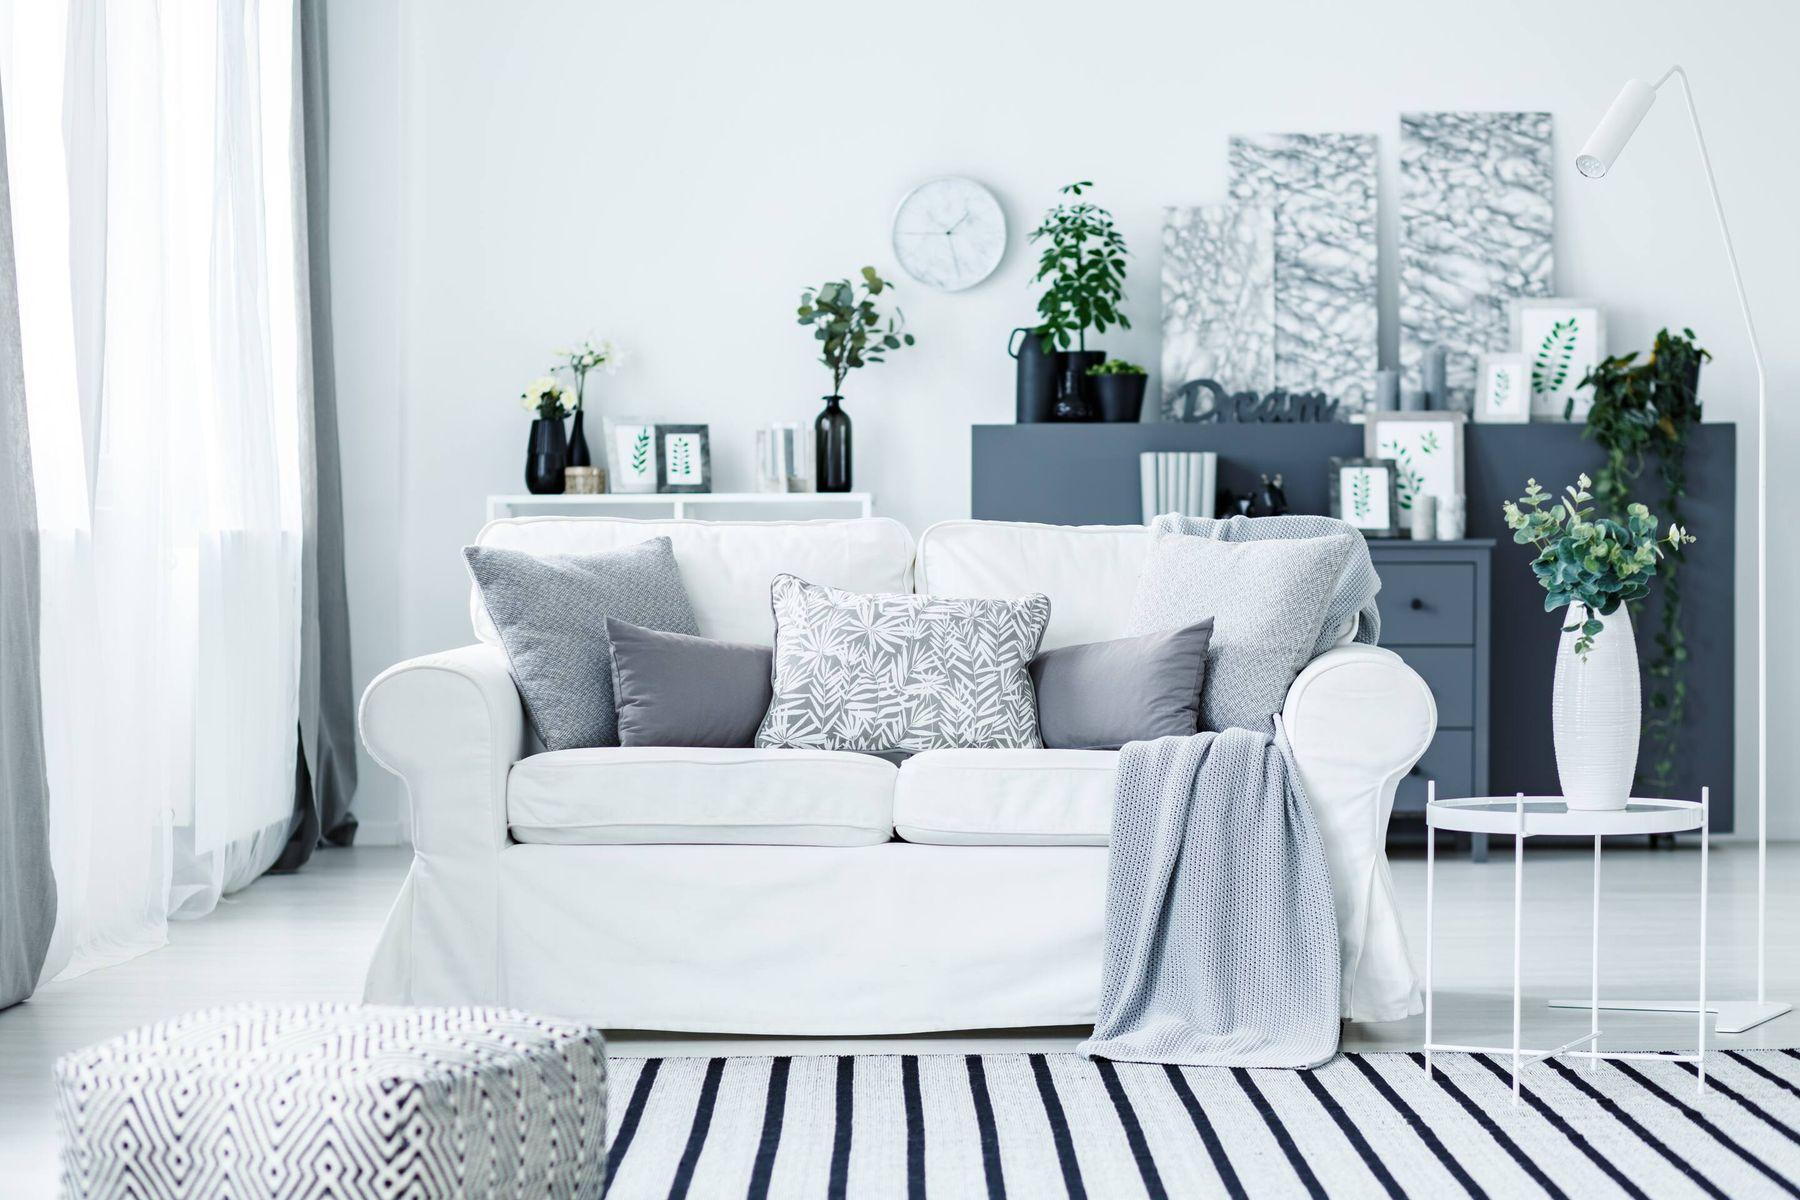 casa blanca con sillon y almohadones